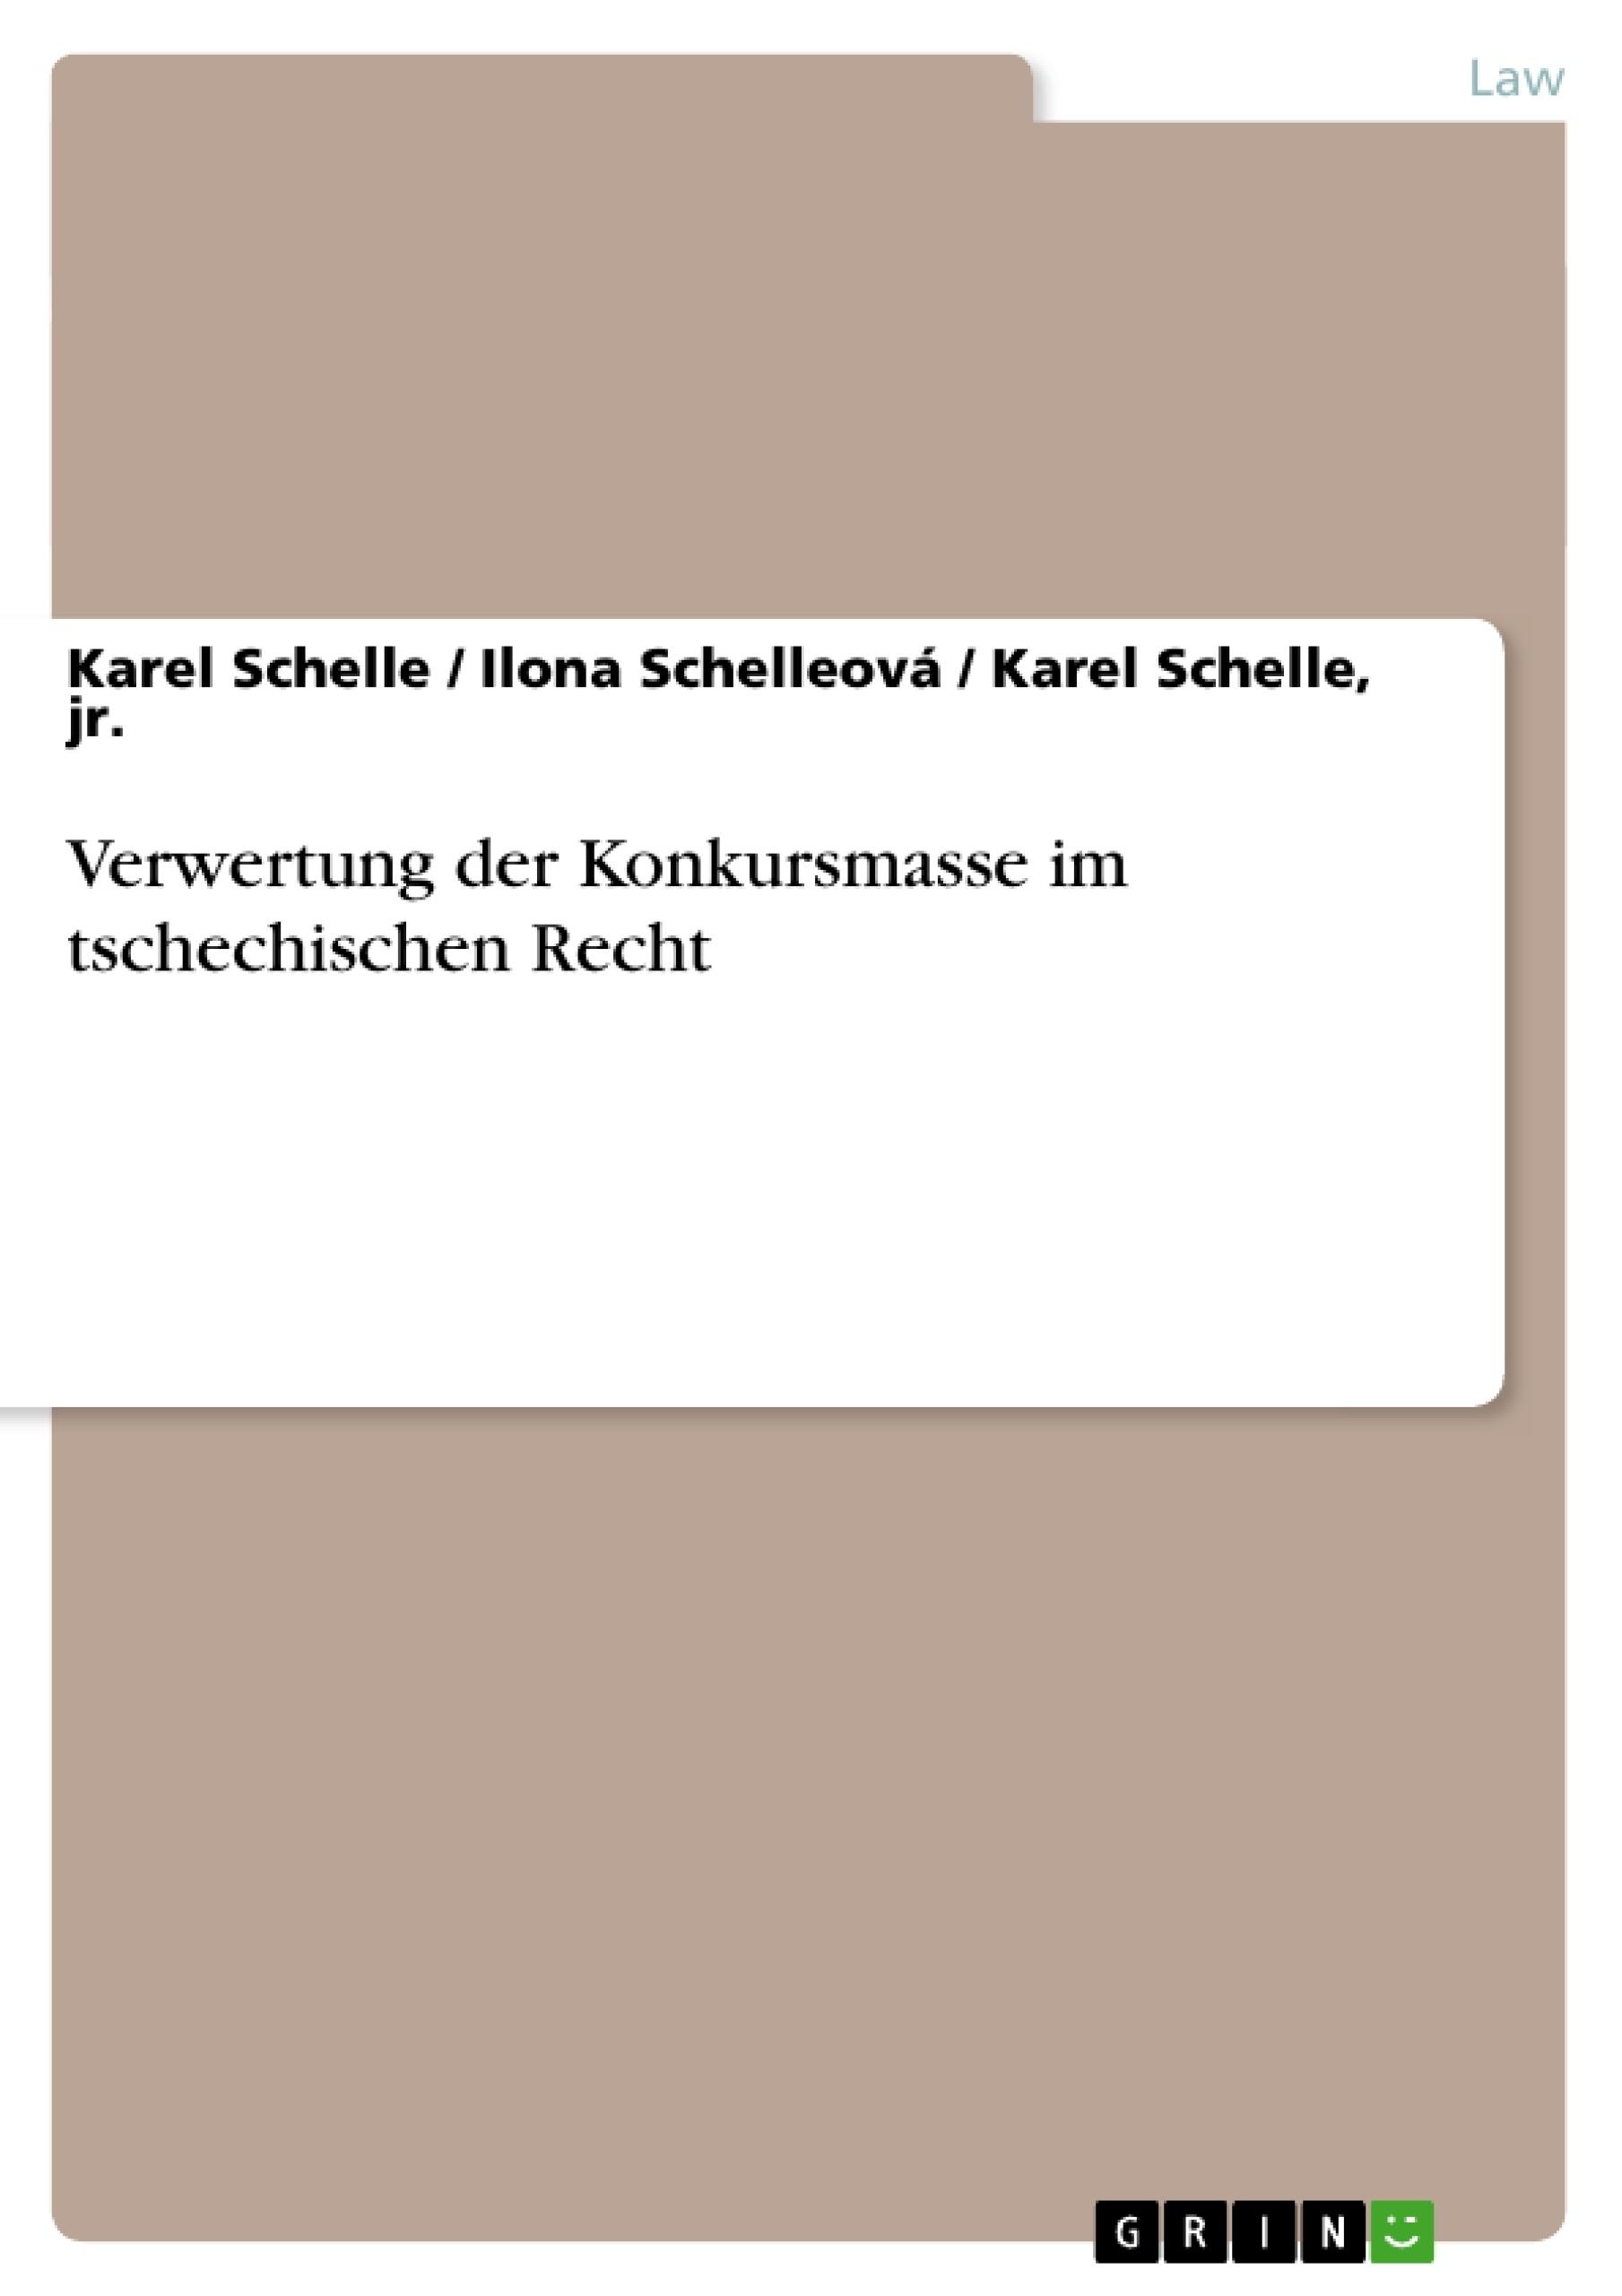 Title: Verwertung der Konkursmasse im tschechischen Recht